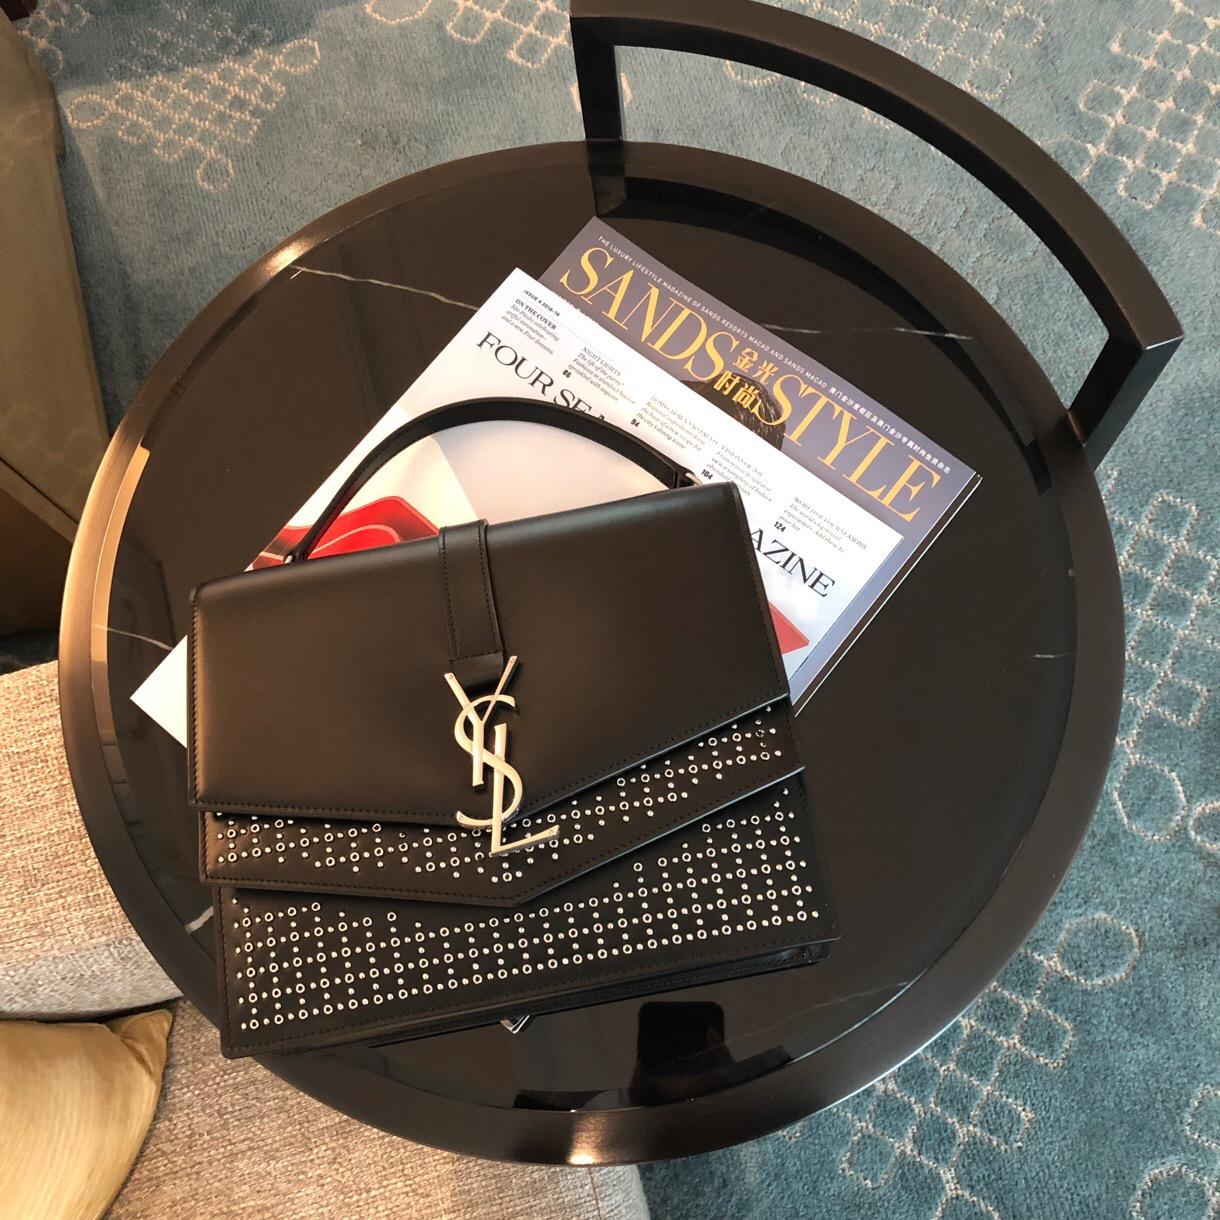 聖羅蘭香港官網 YSL包包 SULPICE 中號黑色麂皮銀色 孔眼鏈條包